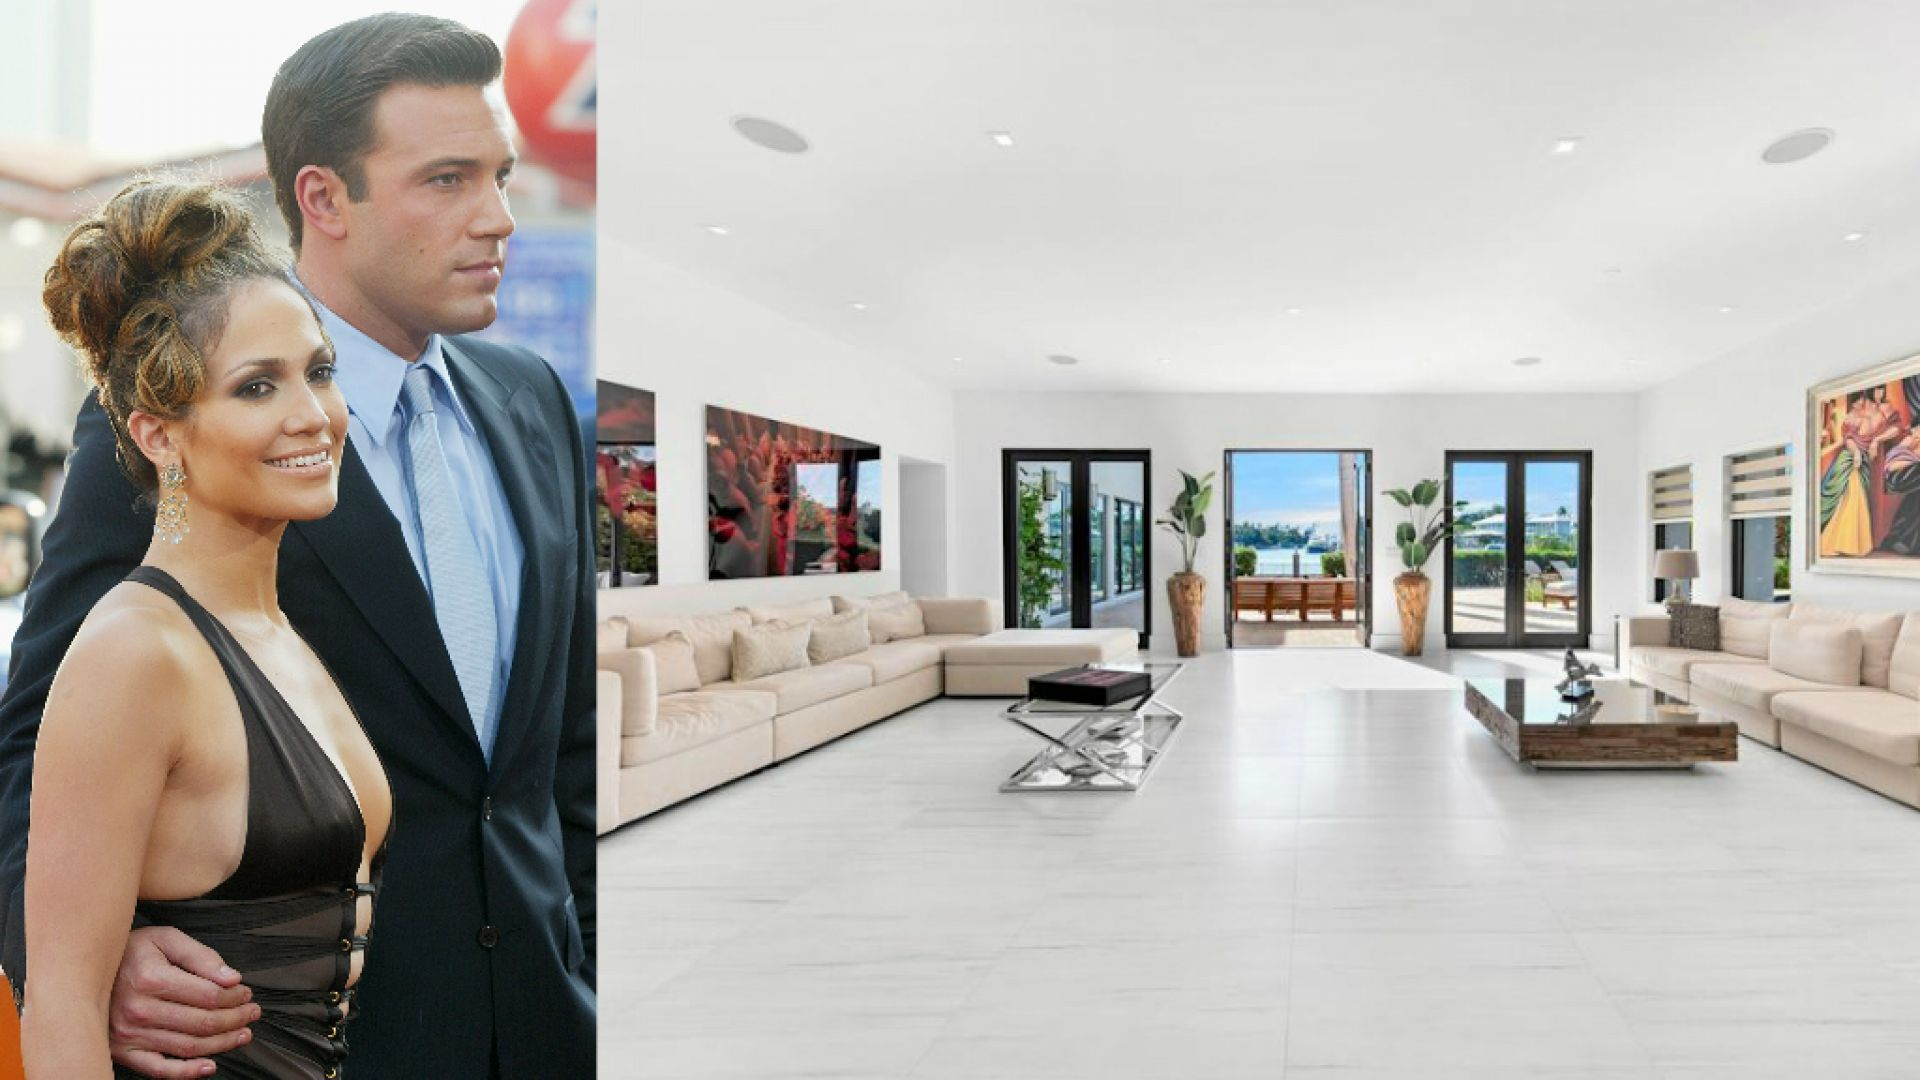 Вижте стилната къща с изчистен интериор, която Джей Ло и Бен Афлек наеха в Маями